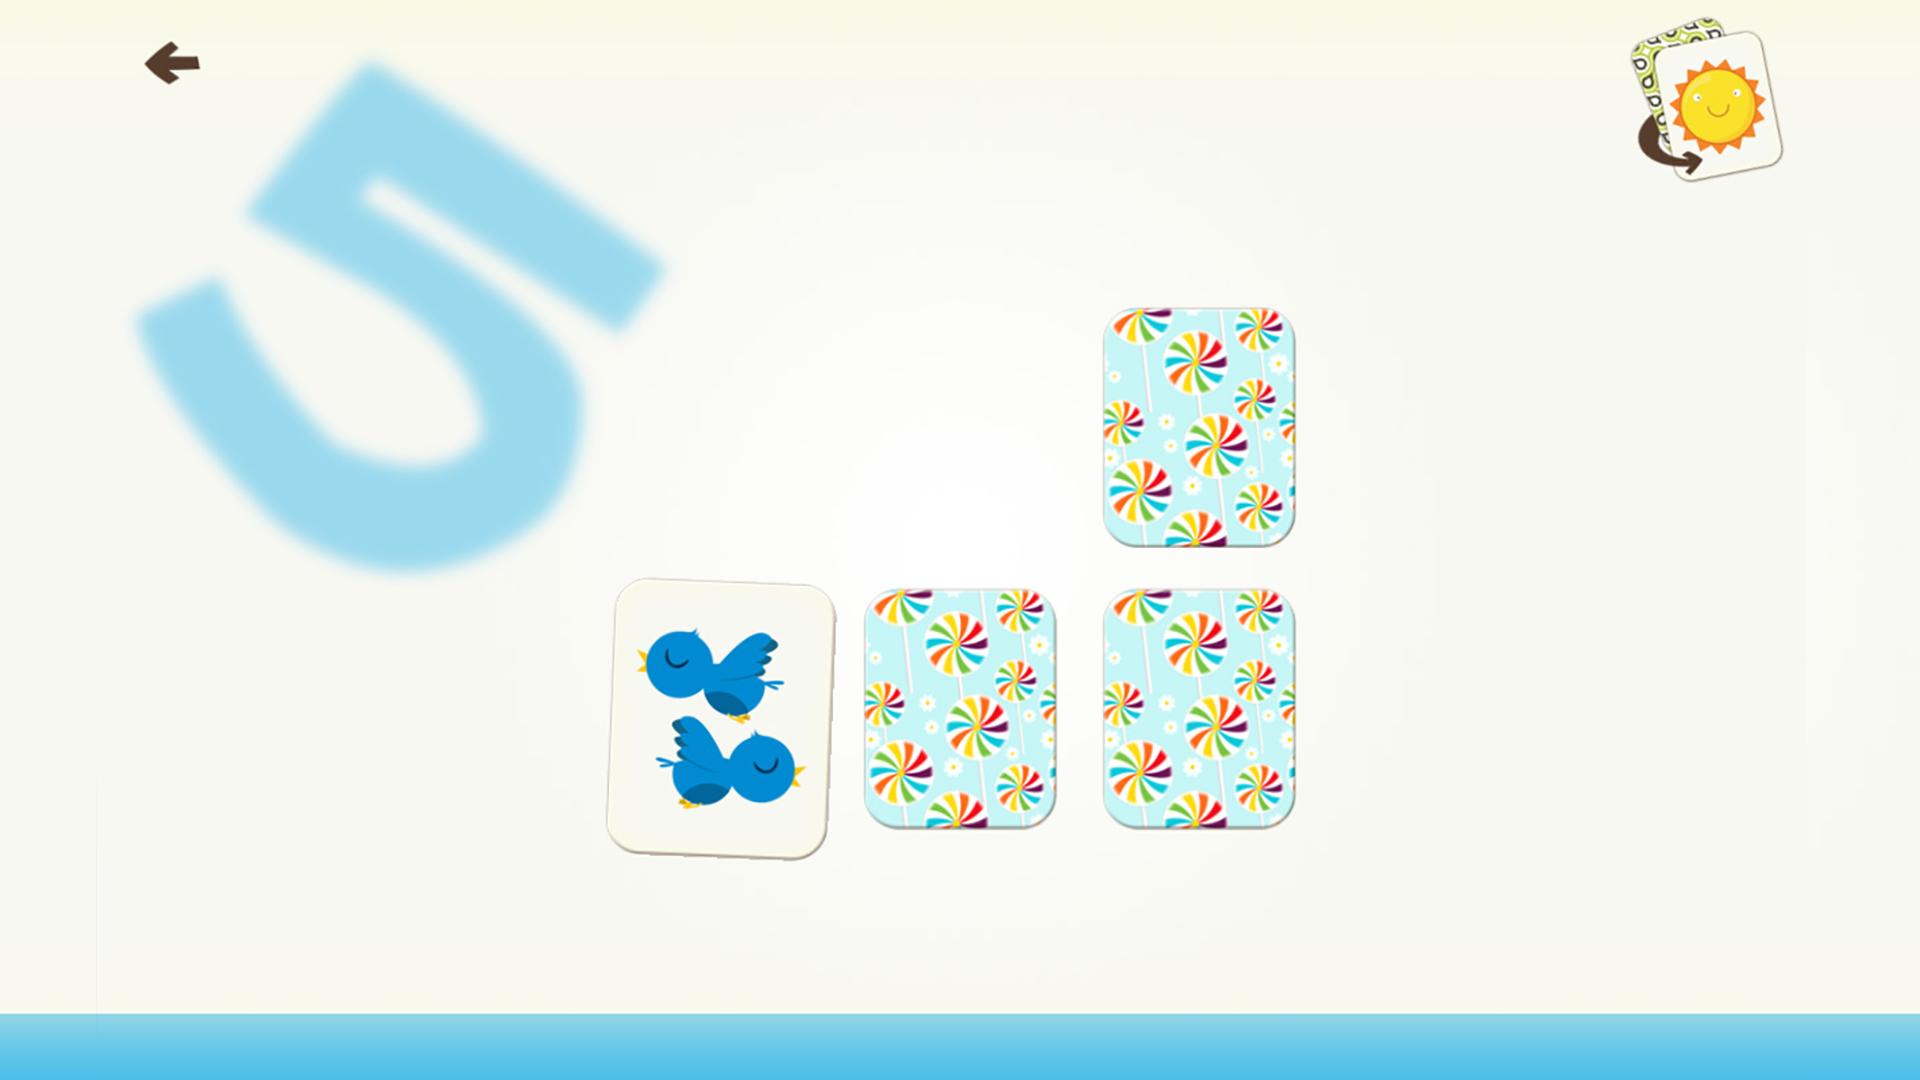 Zahlen Und Zählen Spiel-Spiele Für Kinder Mit Fähigkeiten